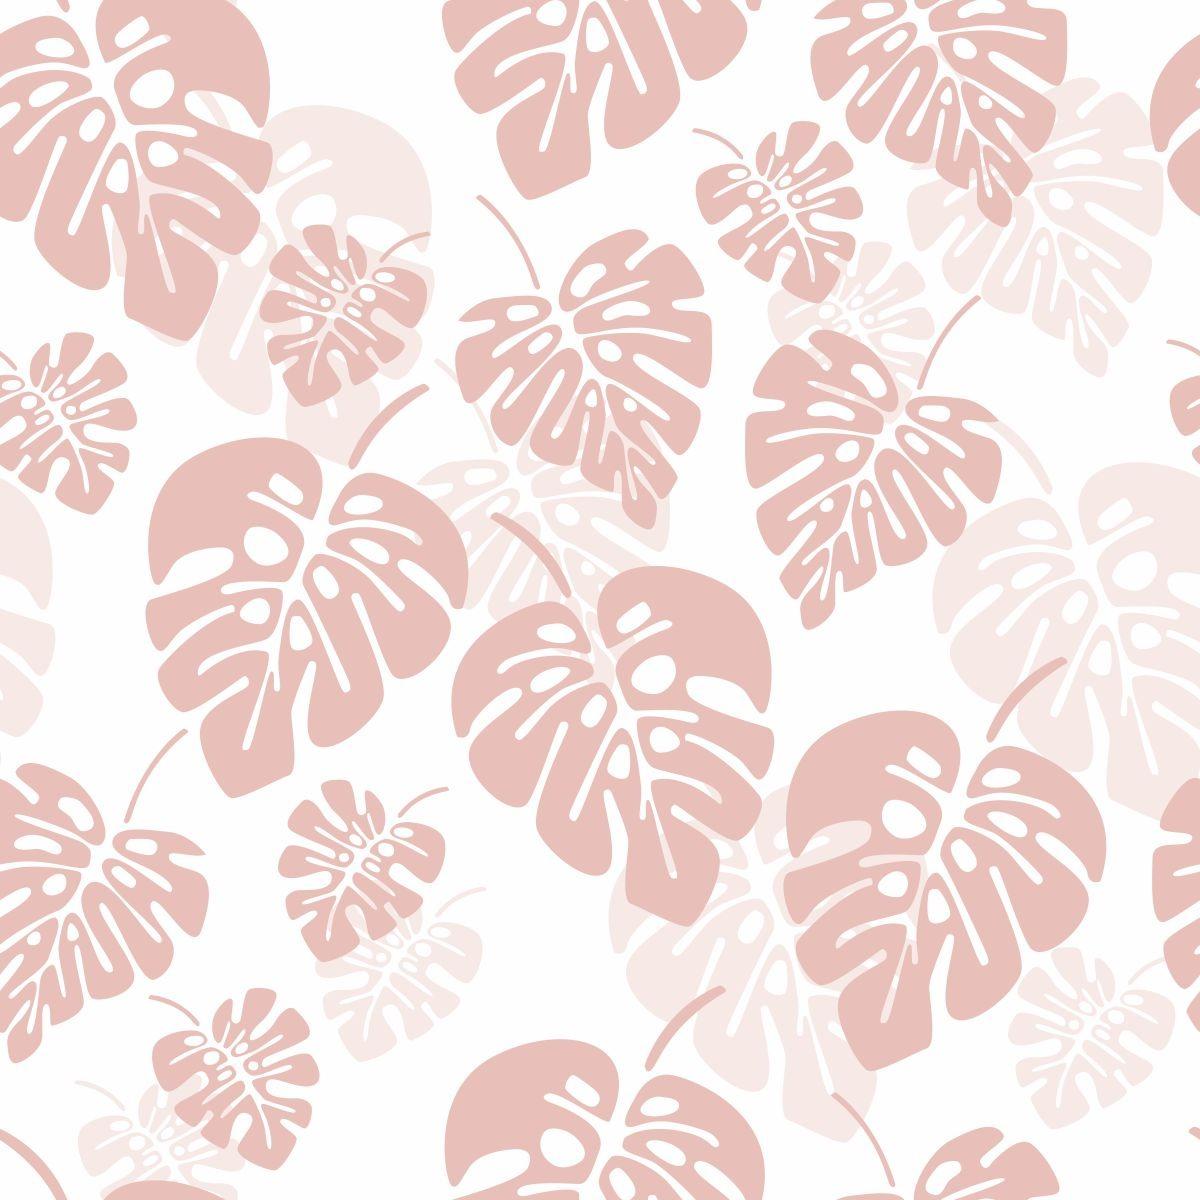 Papel De Parede Sala E Quarto Folhas Grandes Tons De Rosa Ad R 69  -> Papel De Parede Para Sala Folhas